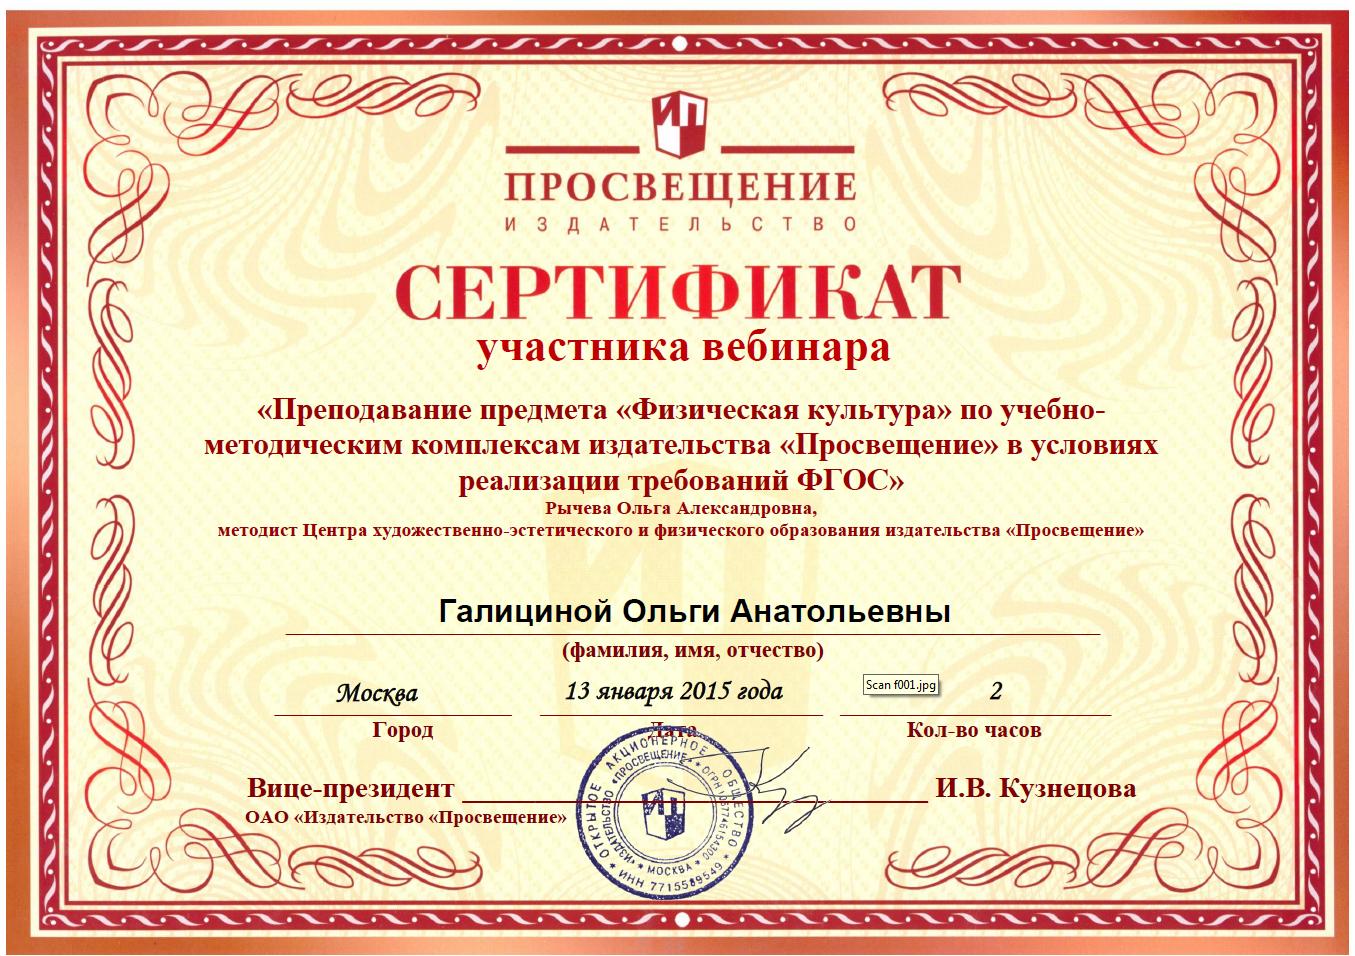 Сертификат вебинара скачать бесплатно - 83